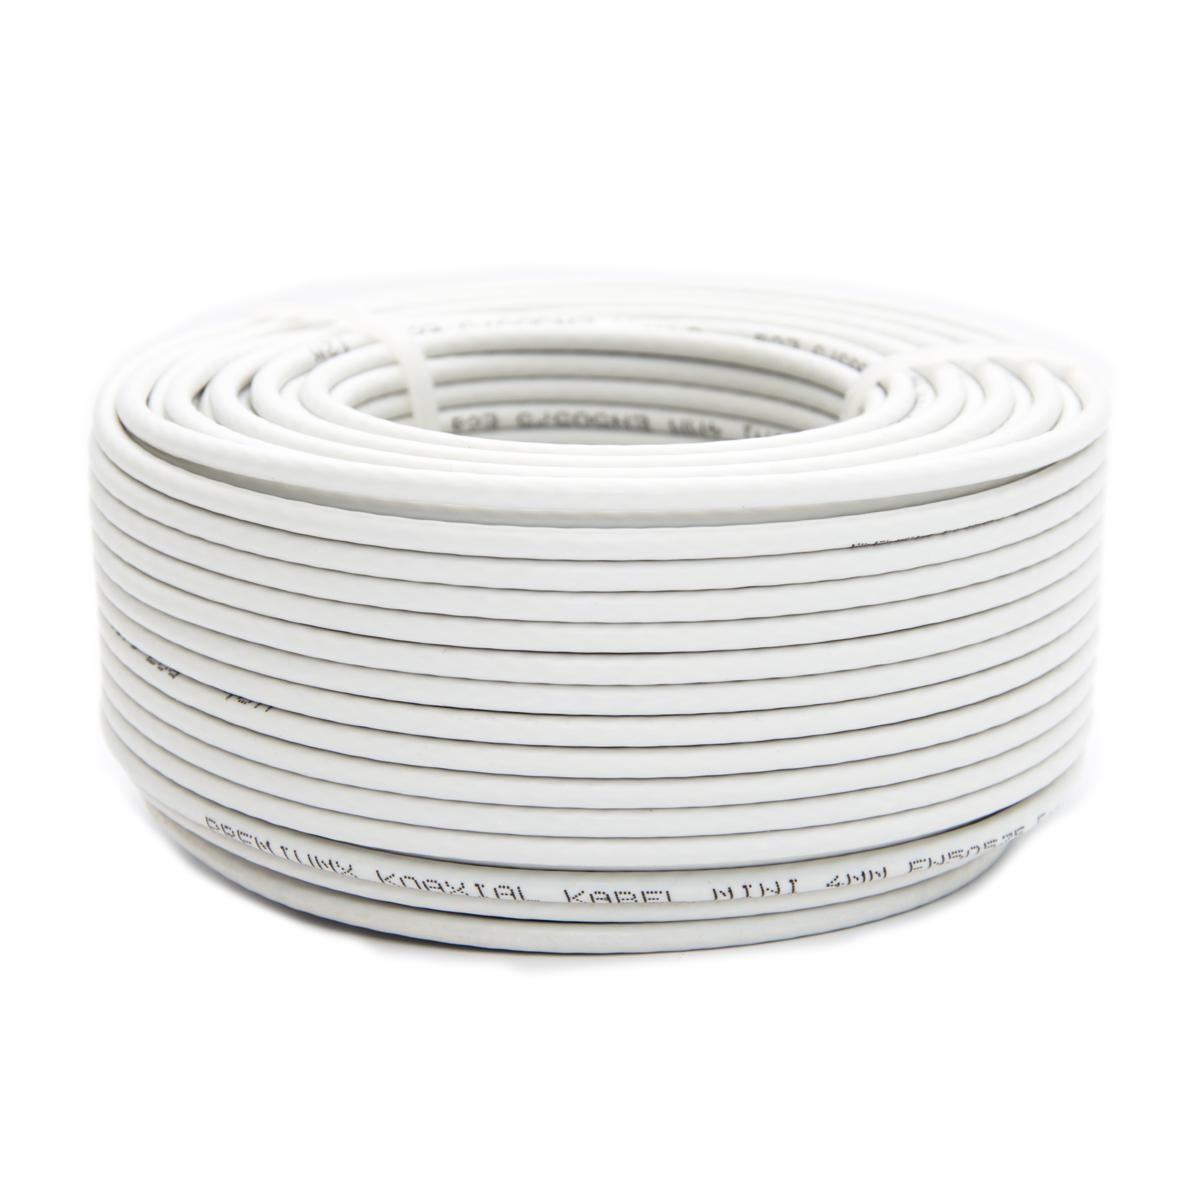 25m PremiumX Mini Koaxial Sat Kabel 4mm extra dünn Weiß Koax Antennenkabel 2-fach geschirmt für Sat | Kabel | DVB-T – Ultra HD 4K 3D